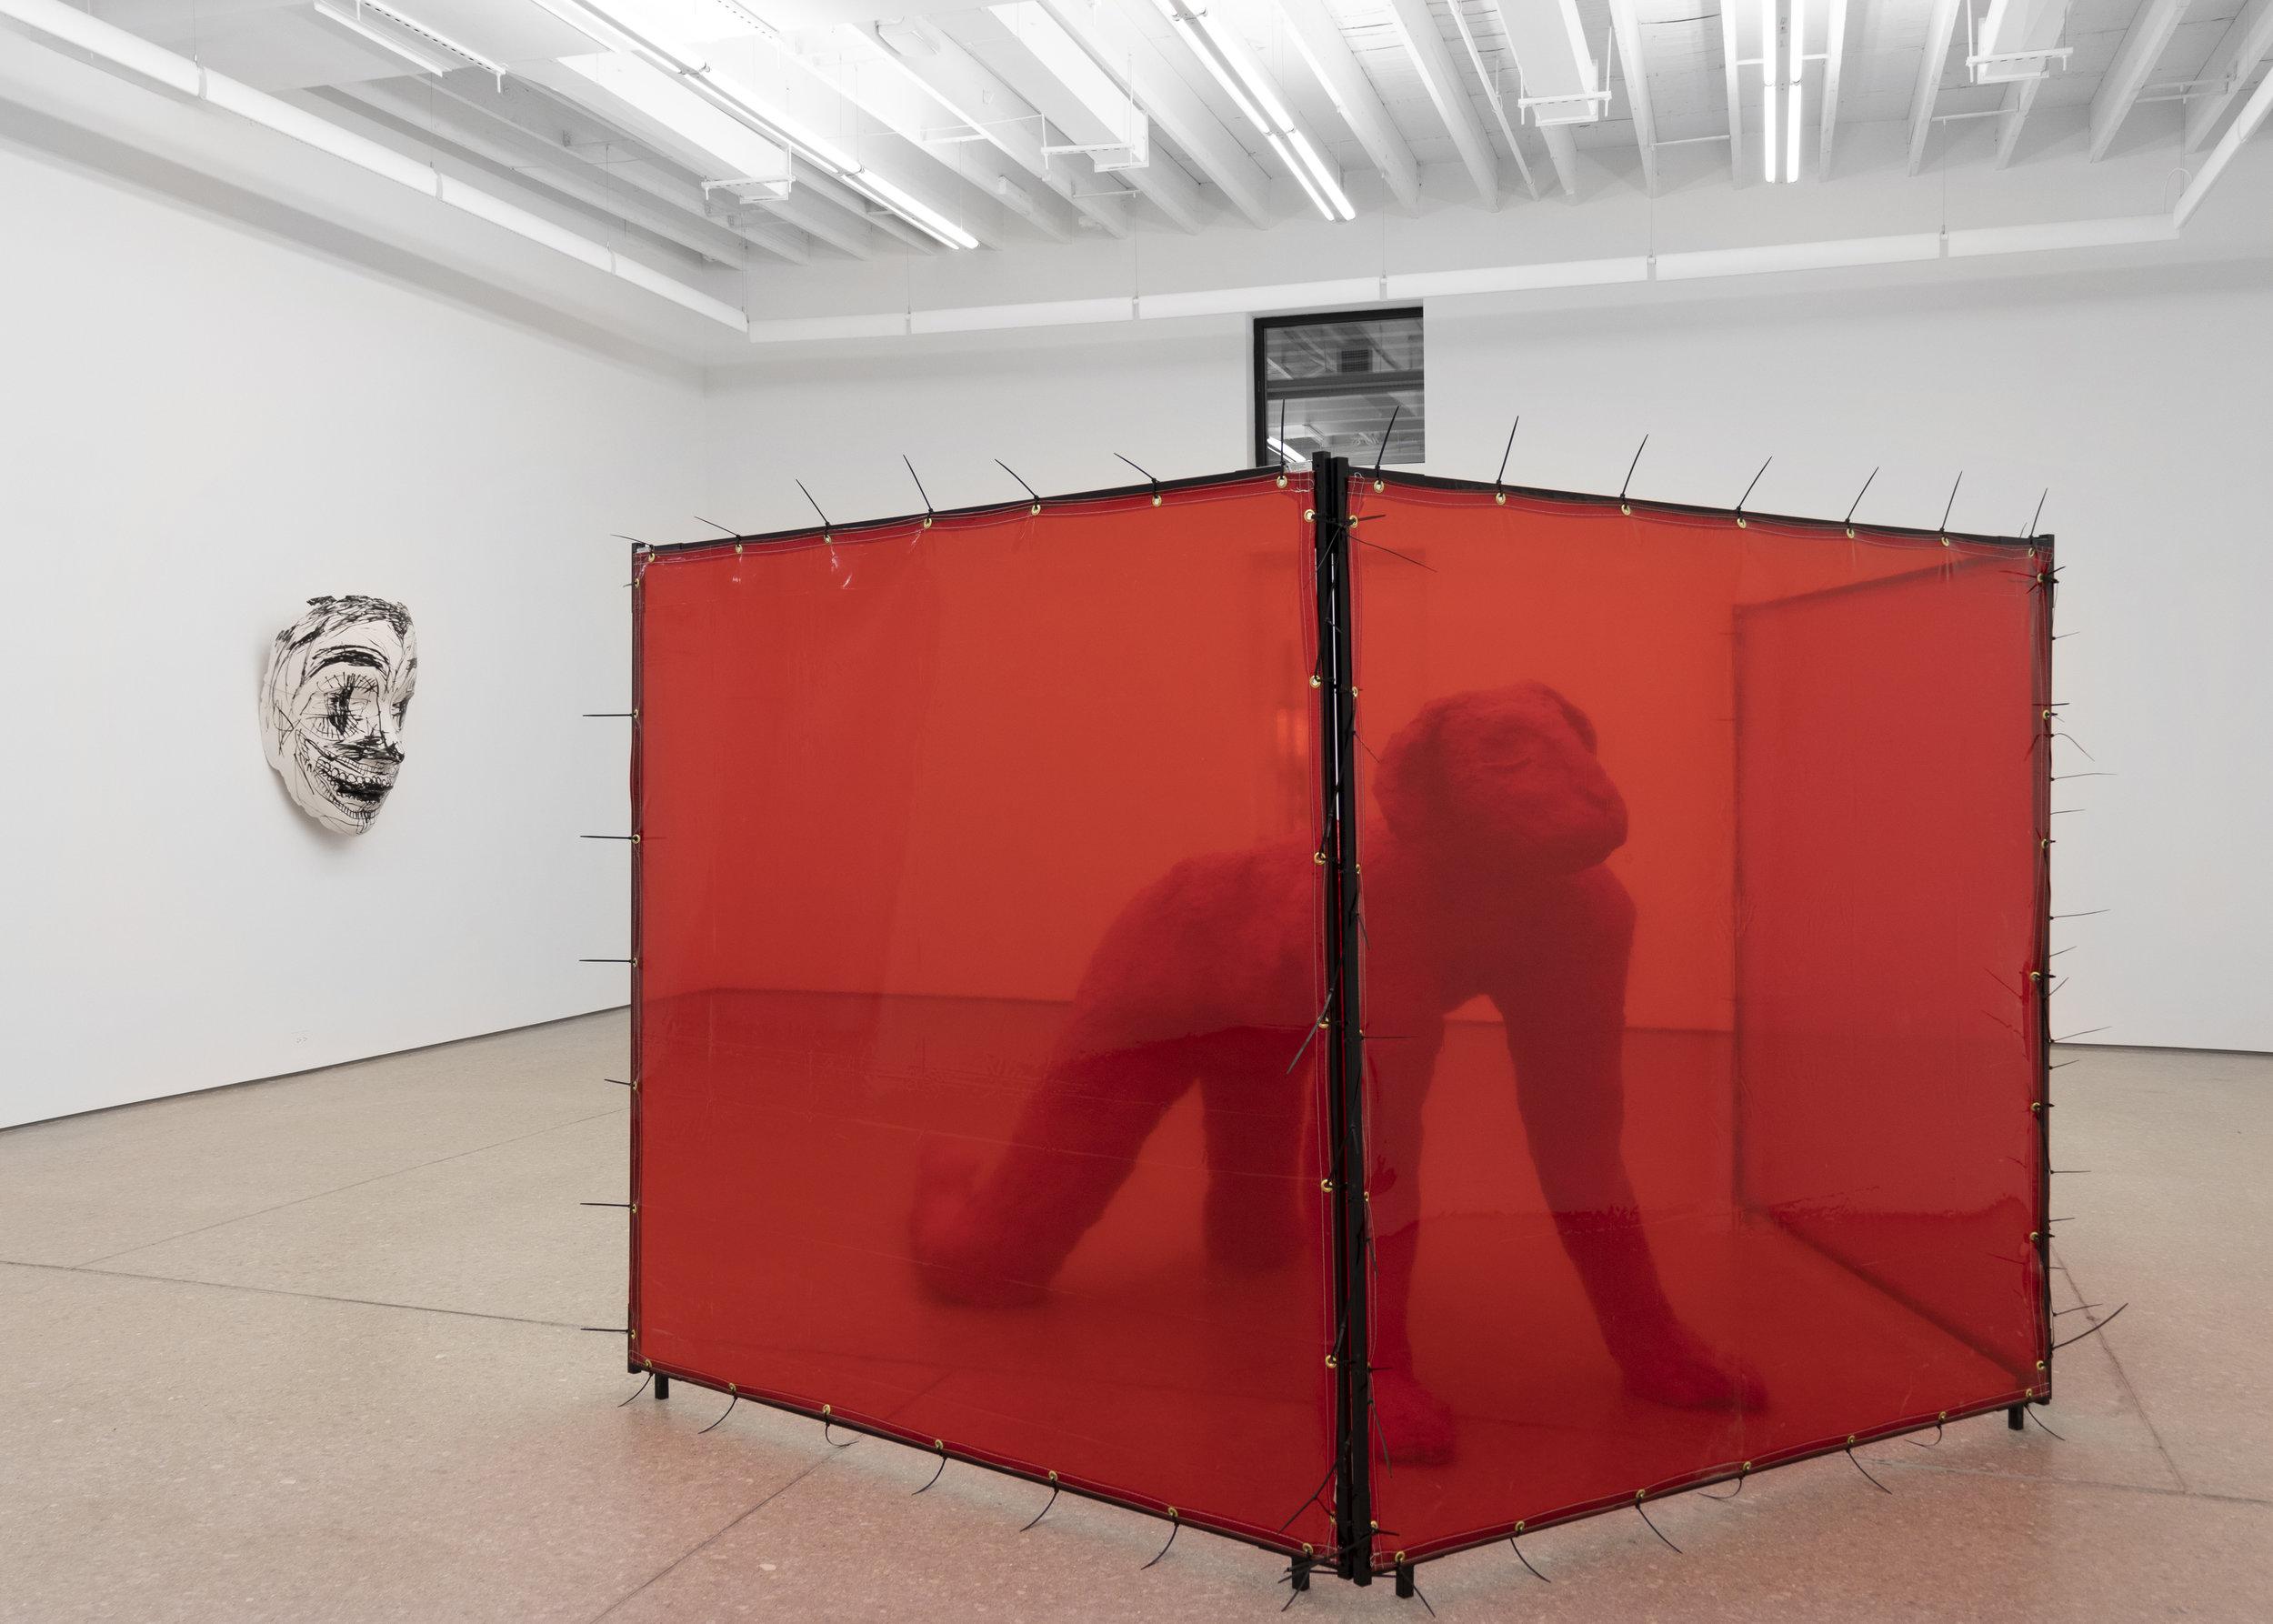 Chloe Siebert,  Partition , 2018, steel and vinyl welding screens, 73 x 67 x 134 in.